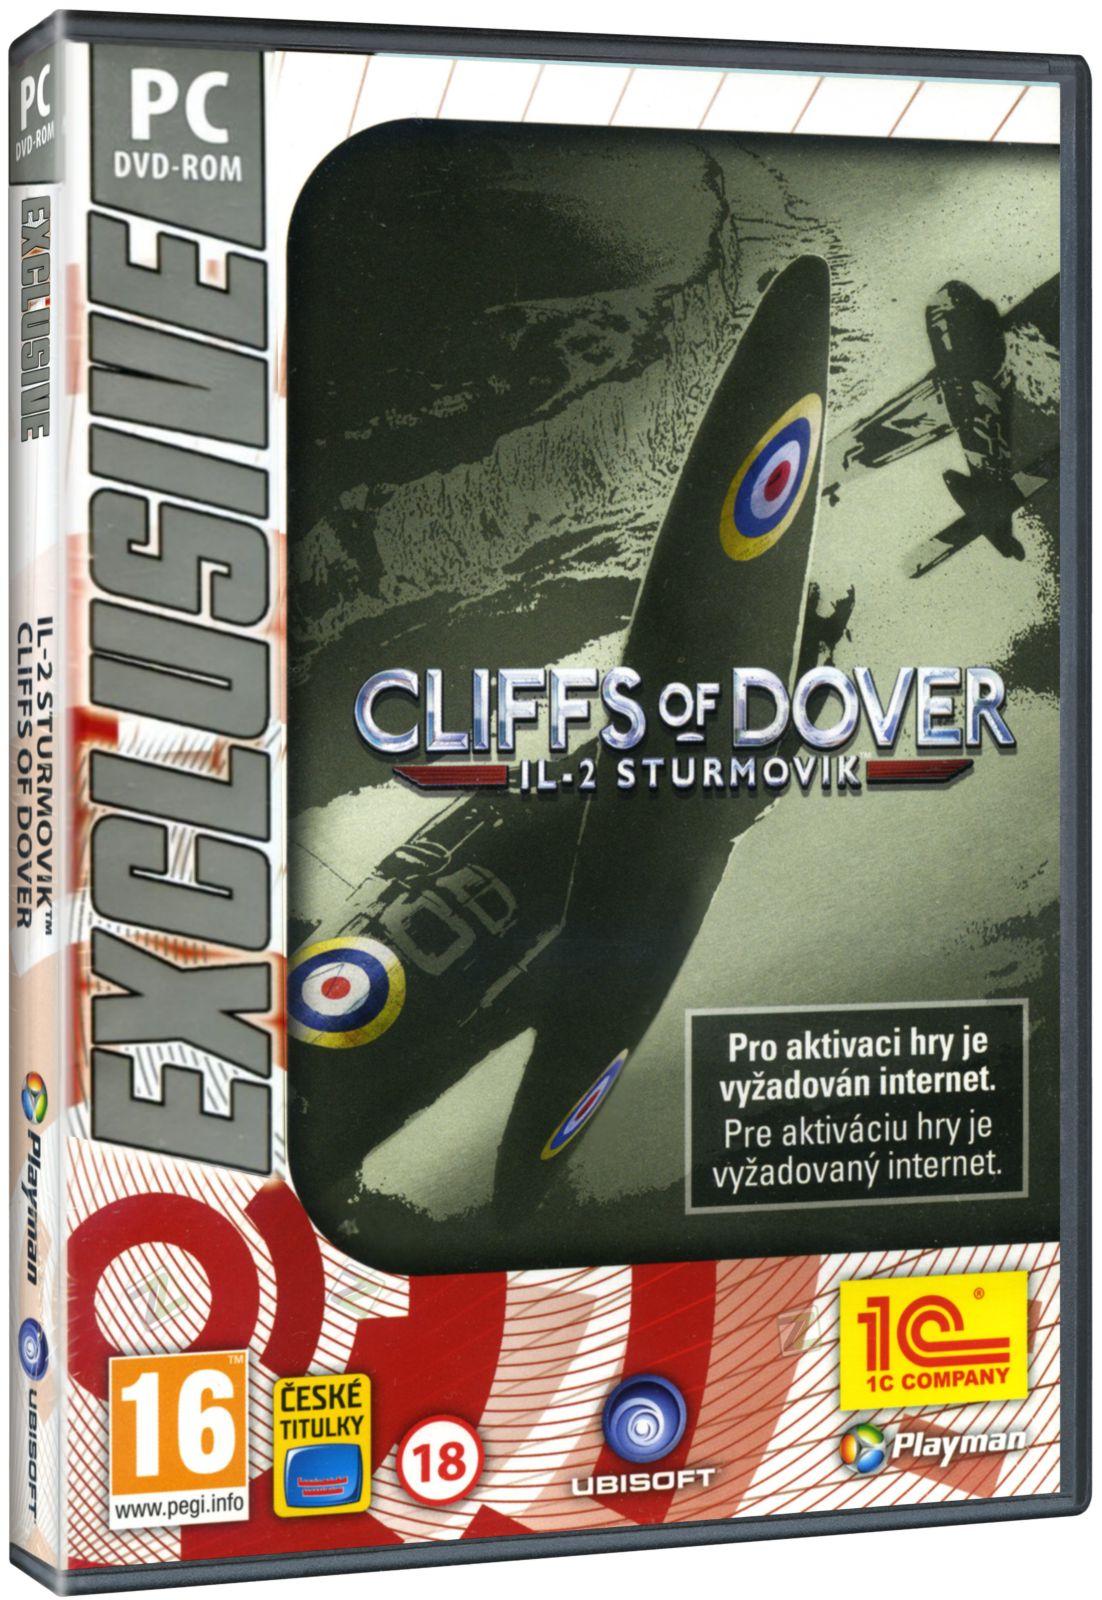 Il2 Sturmovik Cliffs of Dover CZ - PC